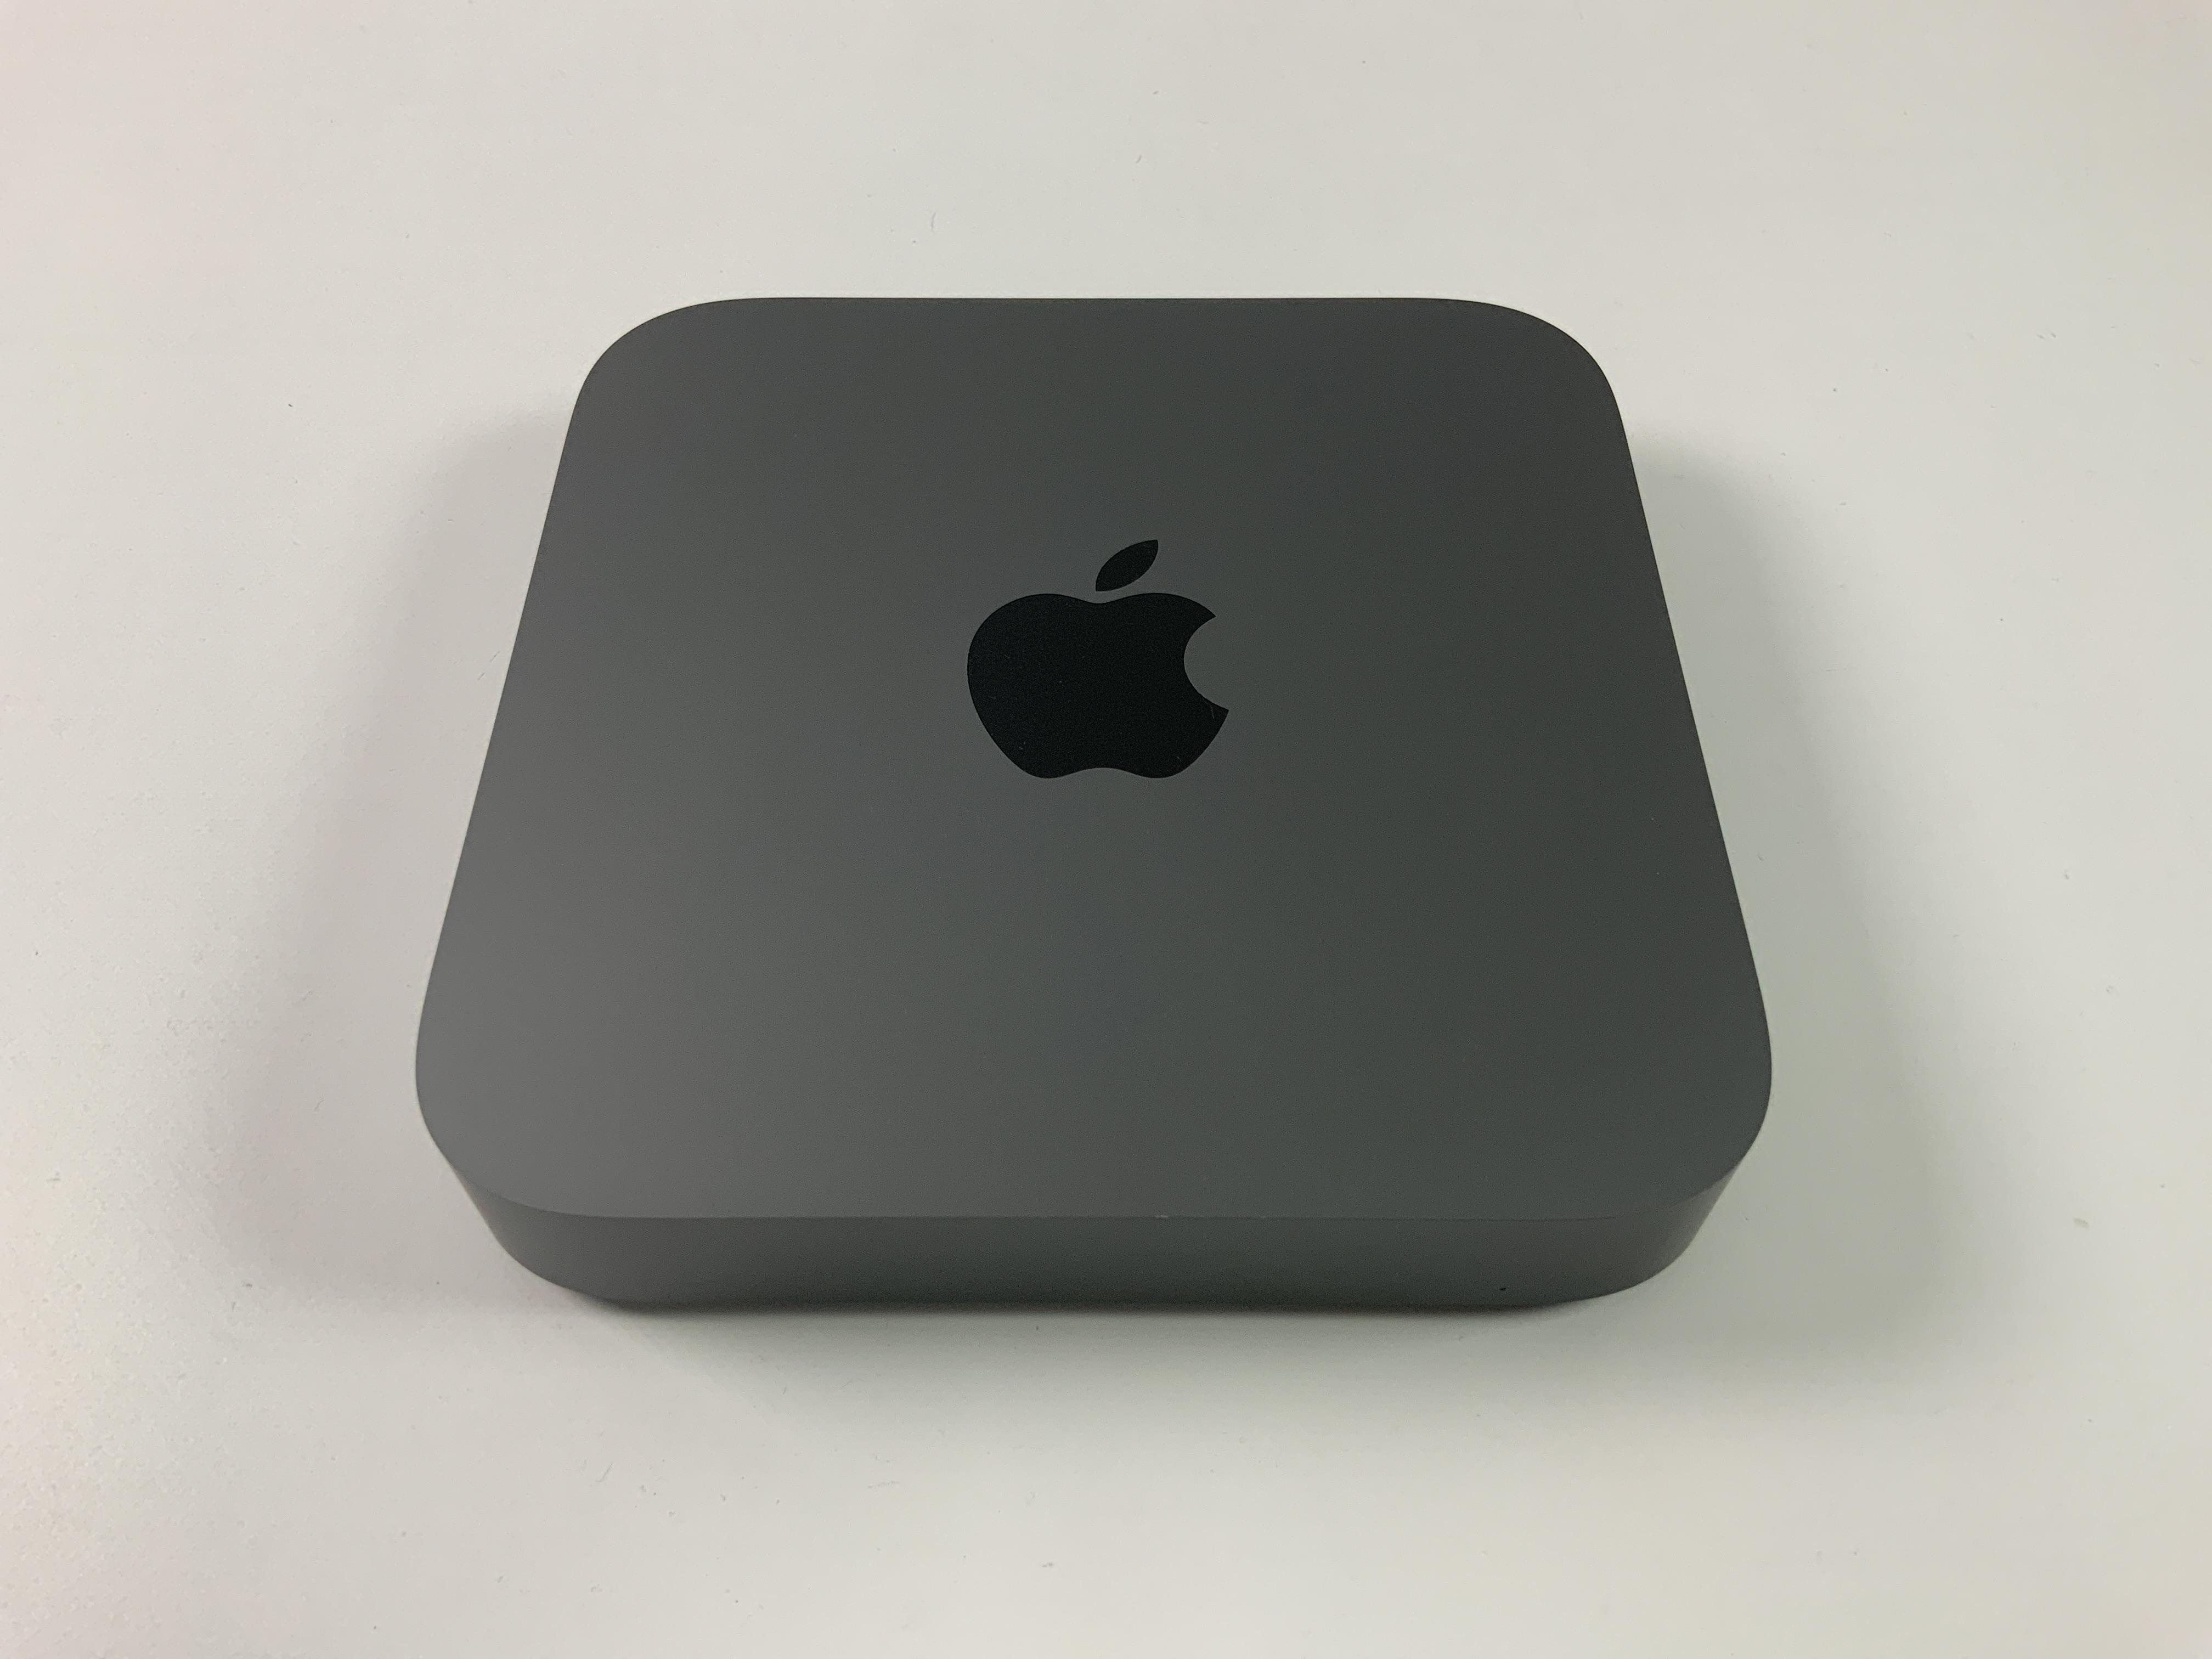 Mac Mini Late 2018 (Intel Quad-Core i3 3.6 GHz 32 GB RAM 256 GB SSD), Intel Quad-Core i3 3.6 GHz, 32 GB RAM, 256 GB SSD, image 1